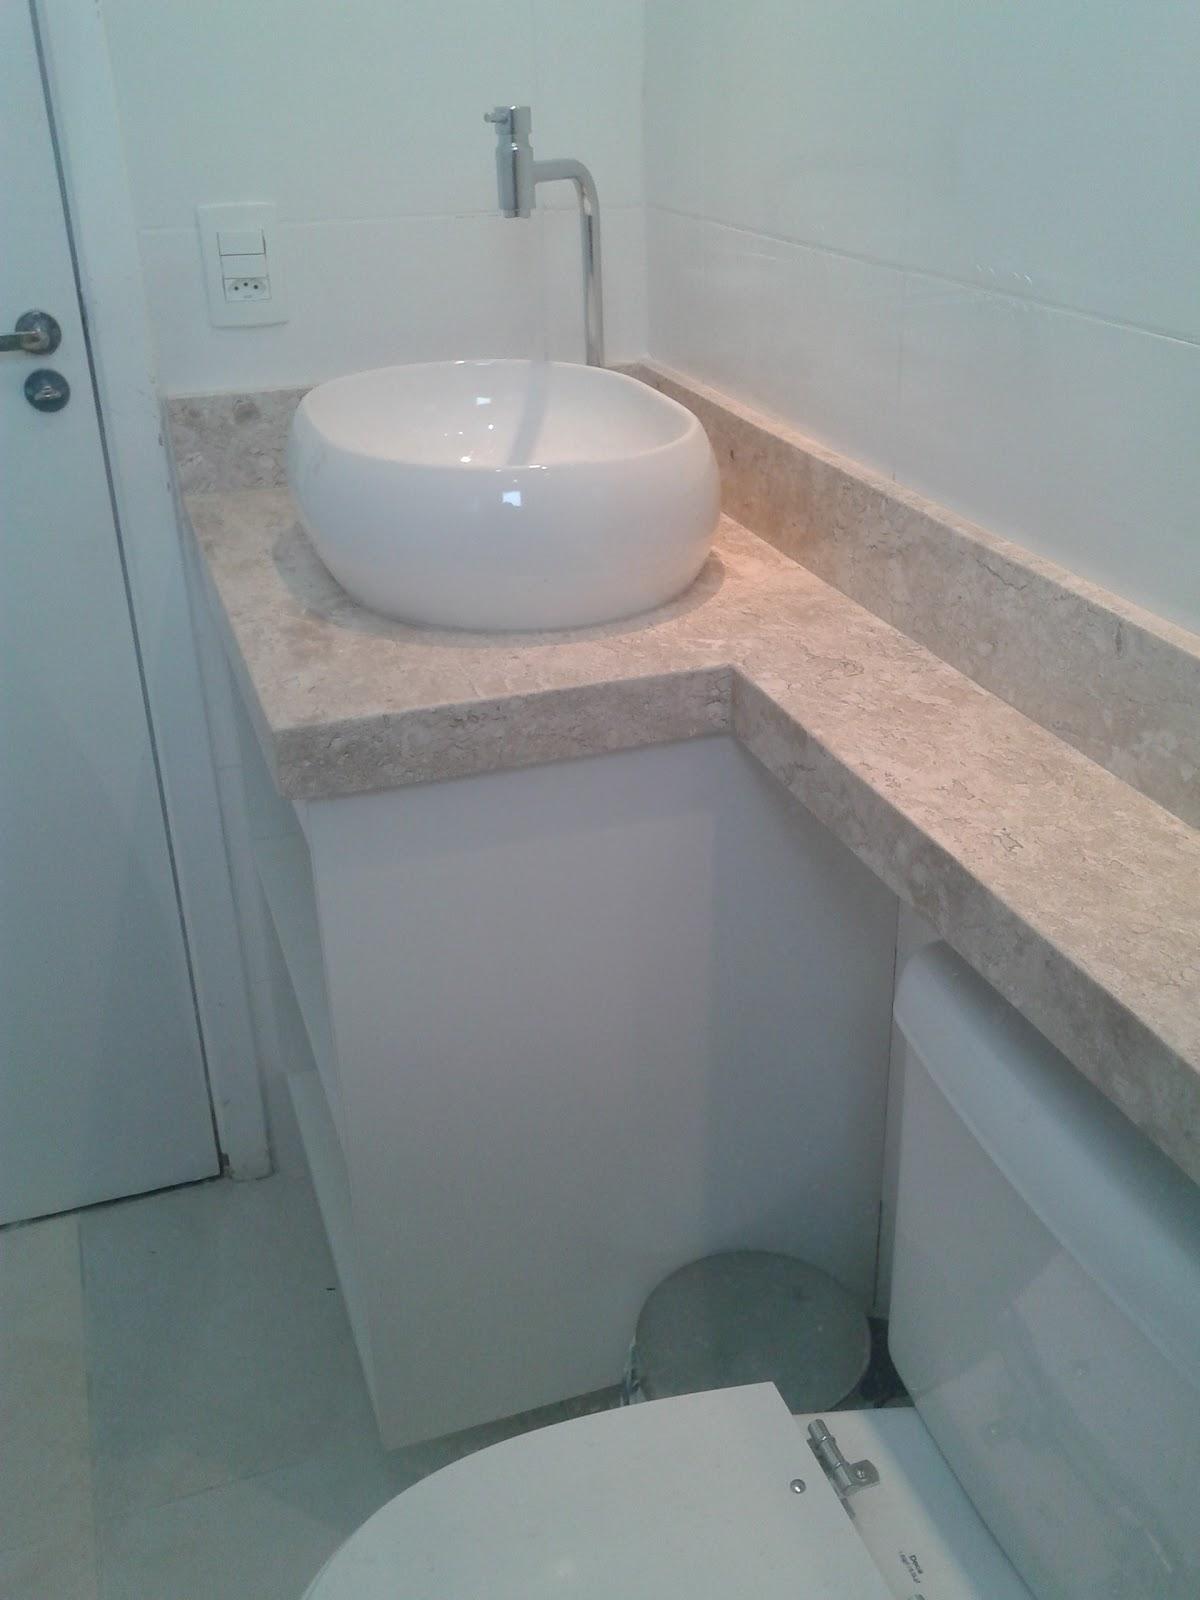 Meu primeiro Apartamento: Banheiro com mármore instalado #7D5E4E 1200x1600 Bancada Banheiro Leroy